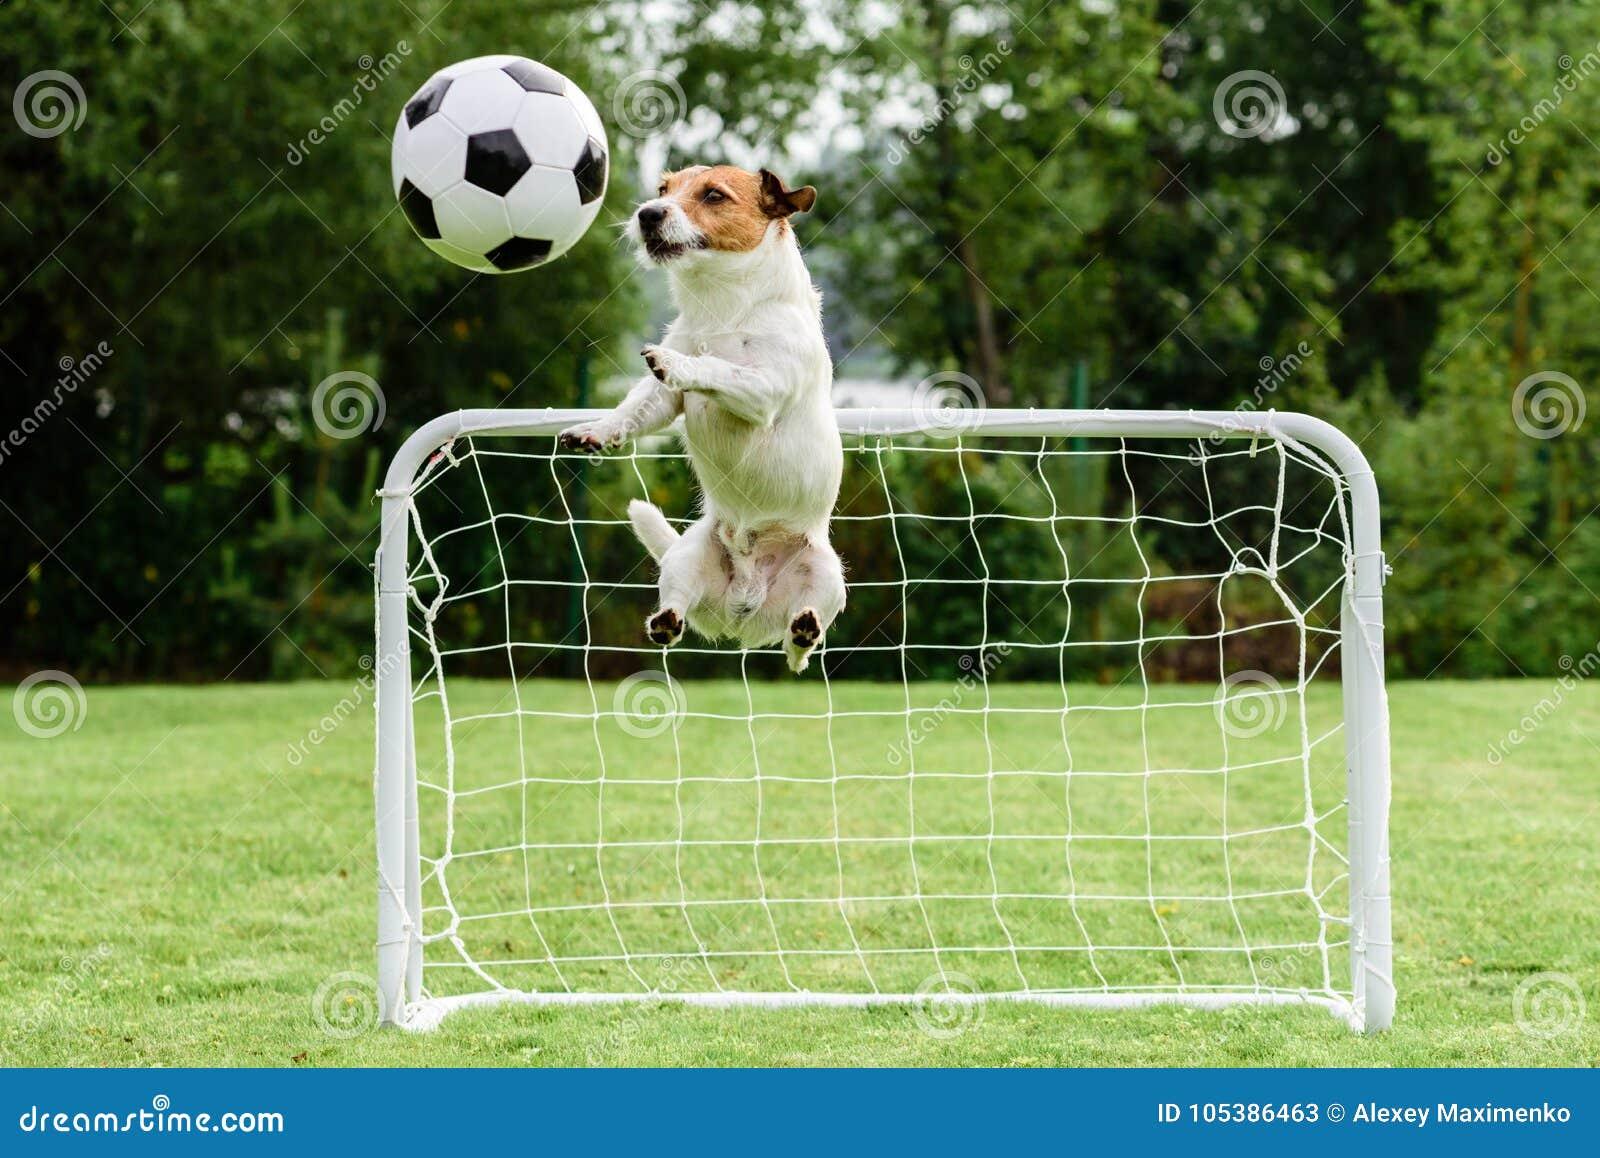 在可笑的姿势传染性的橄榄球足球和挽救目标的滑稽的狗飞行